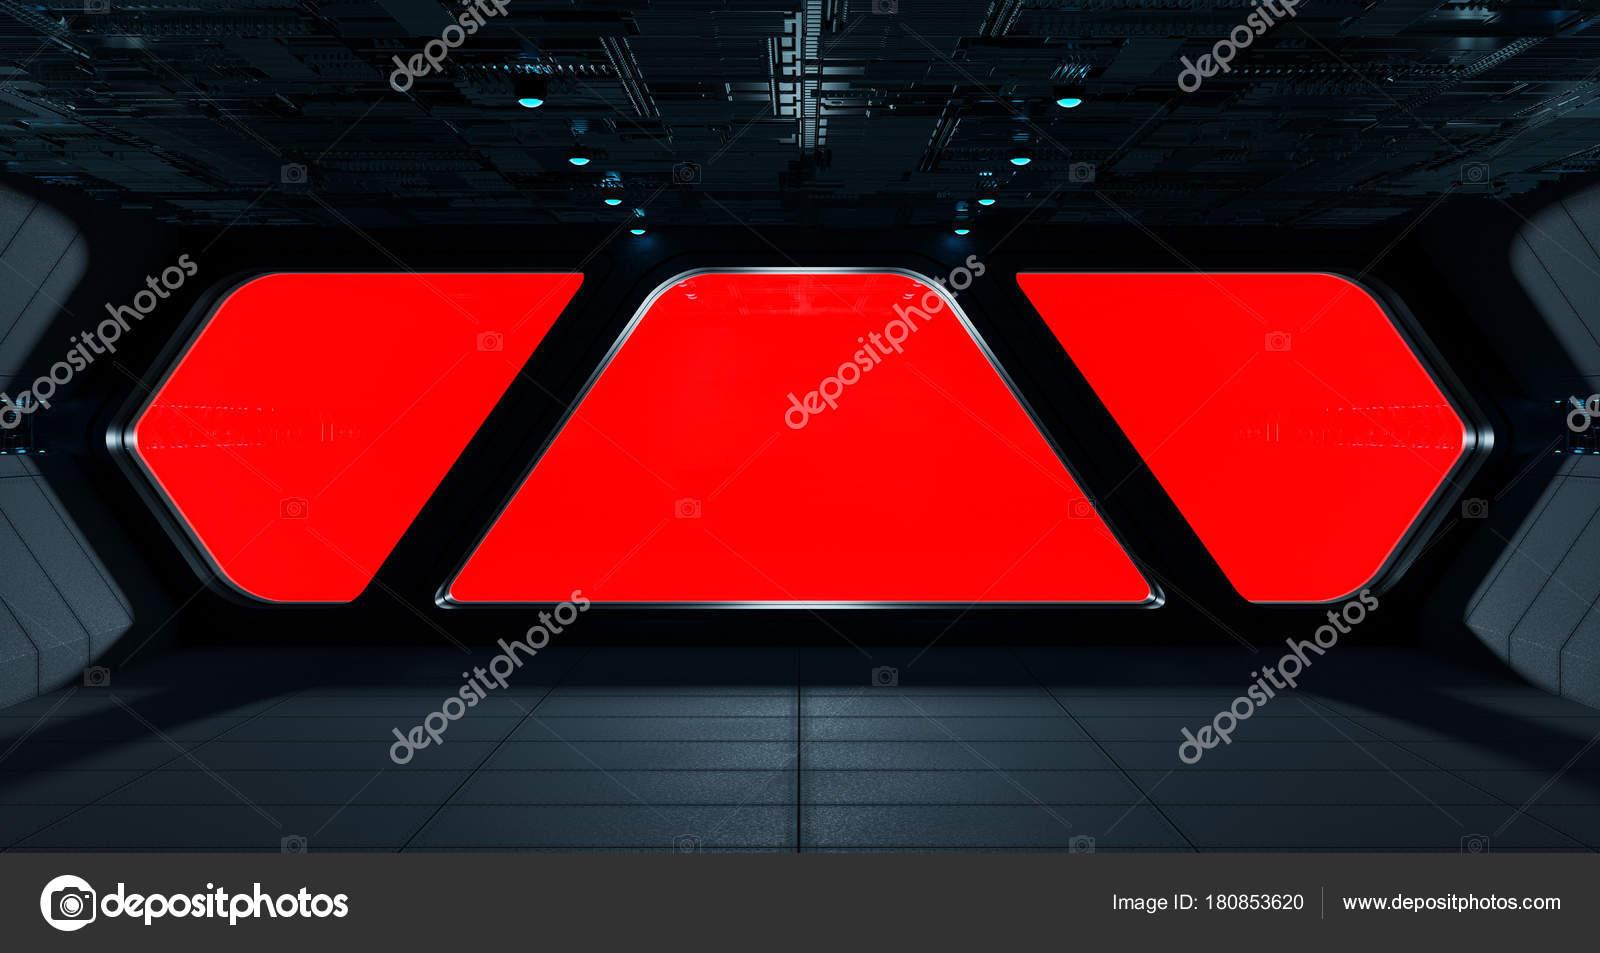 Interior De Ventana De Nave Espacial: Interior Futurista Nave Espacial Con La Ventana